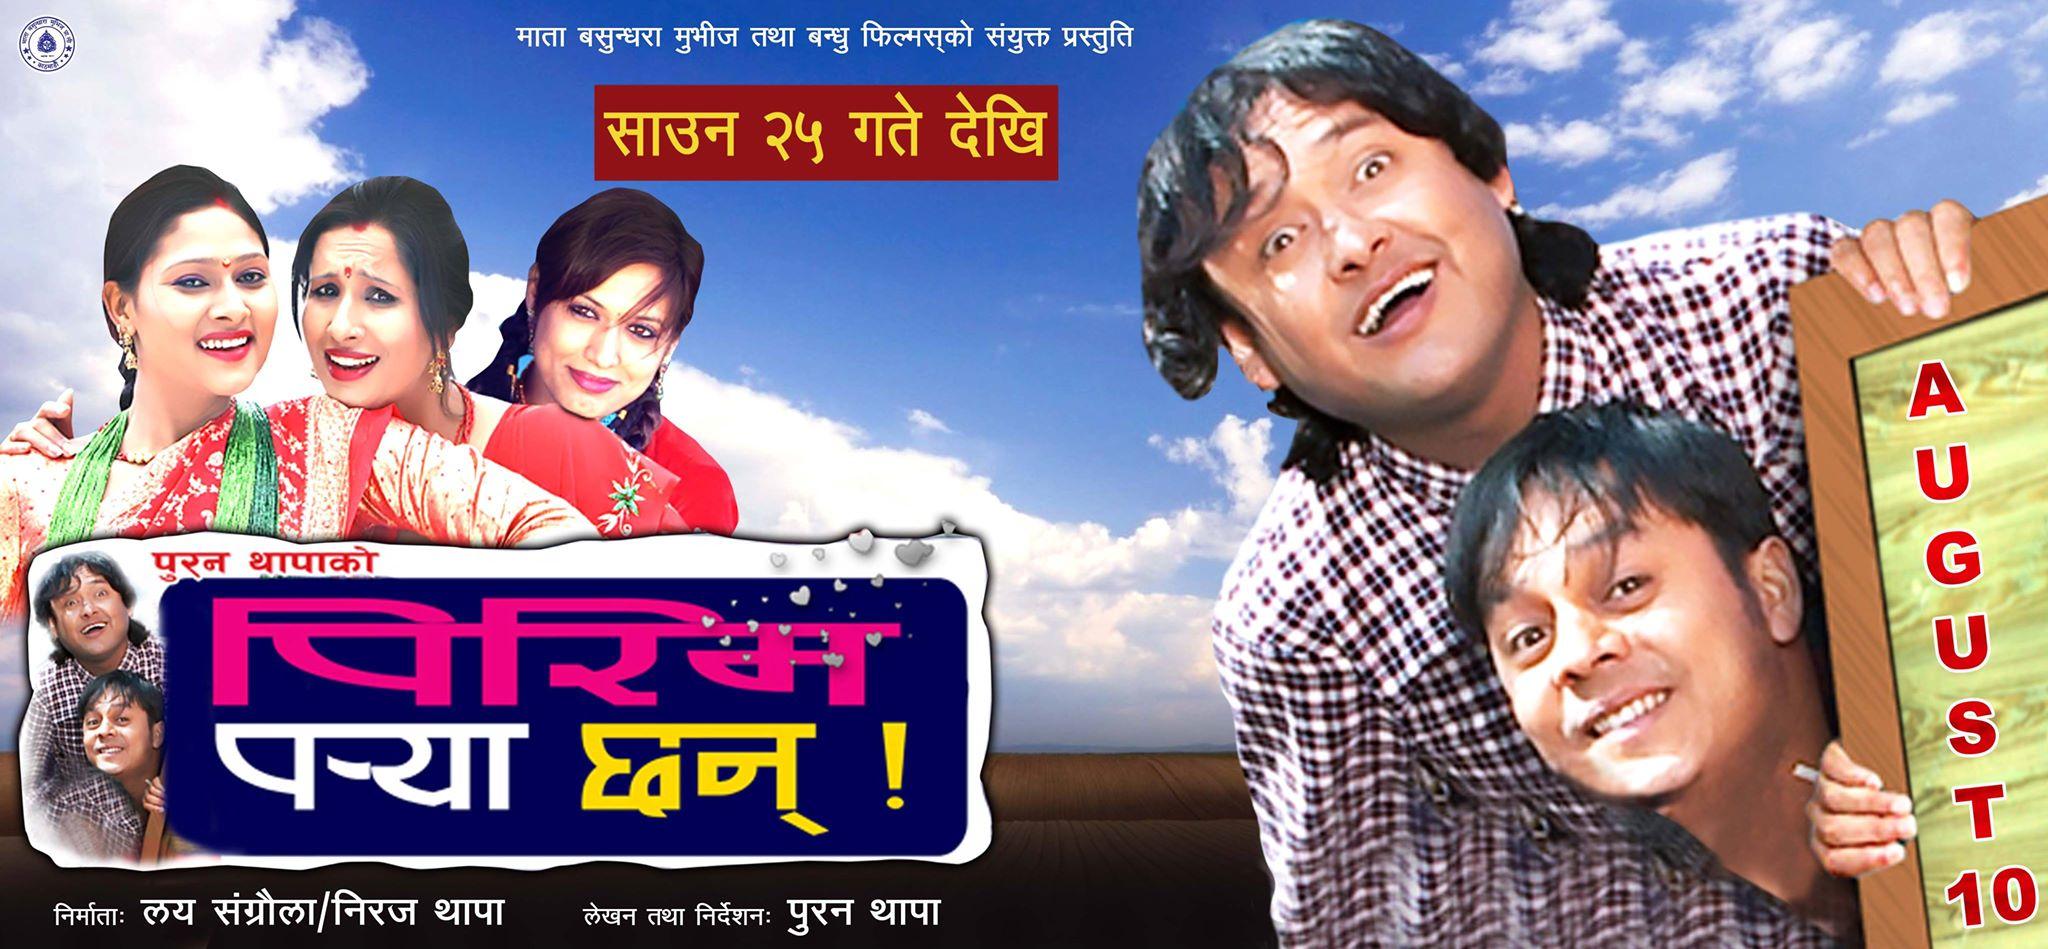 फिल्म 'पिरिम पर्या छन्'को पोस्टर सार्वजनिक